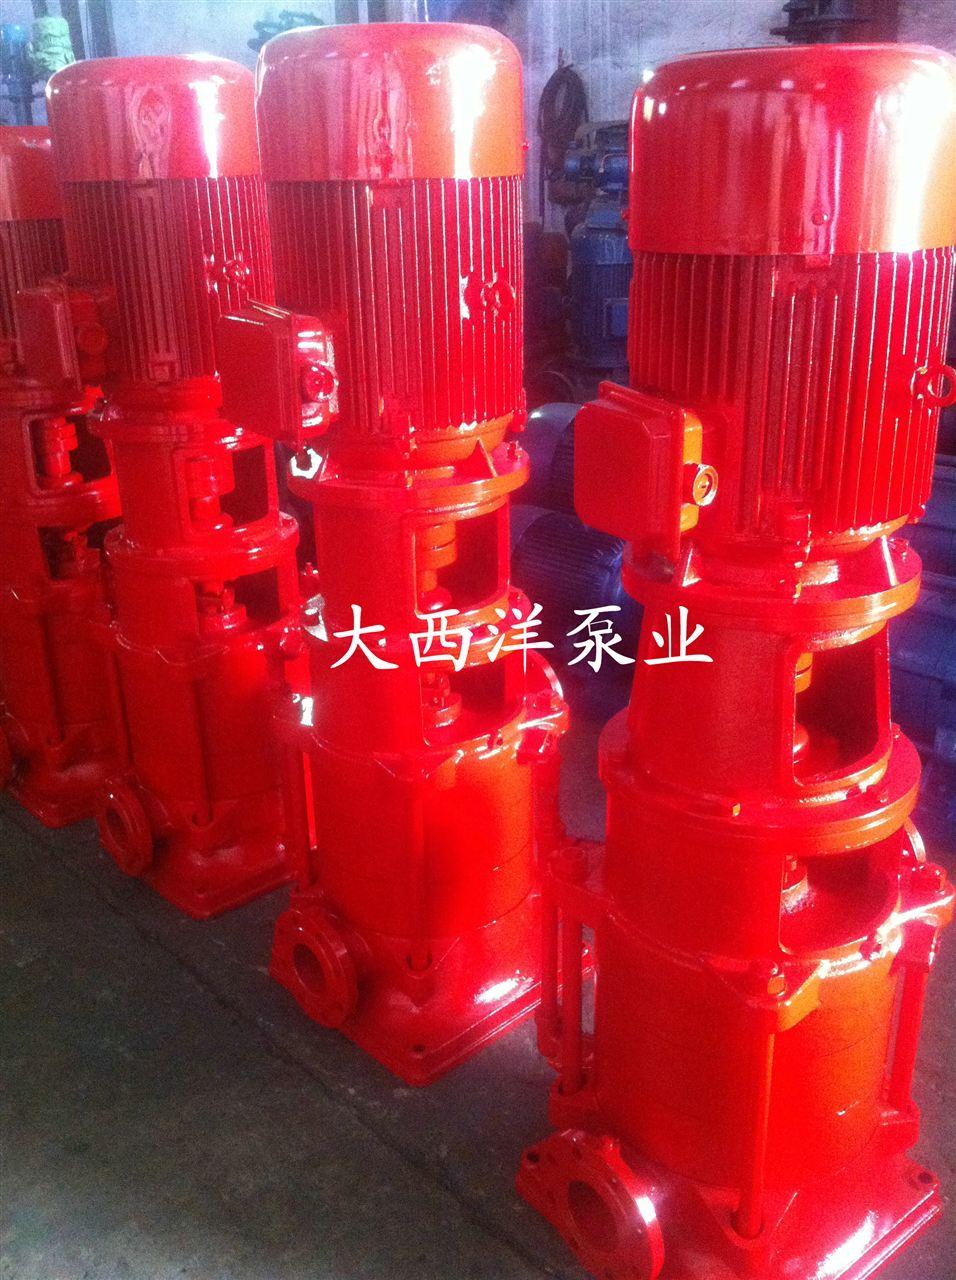 gdl 消防泵,立式单级消防泵,立式消防泵,多级消防泵,大西洋